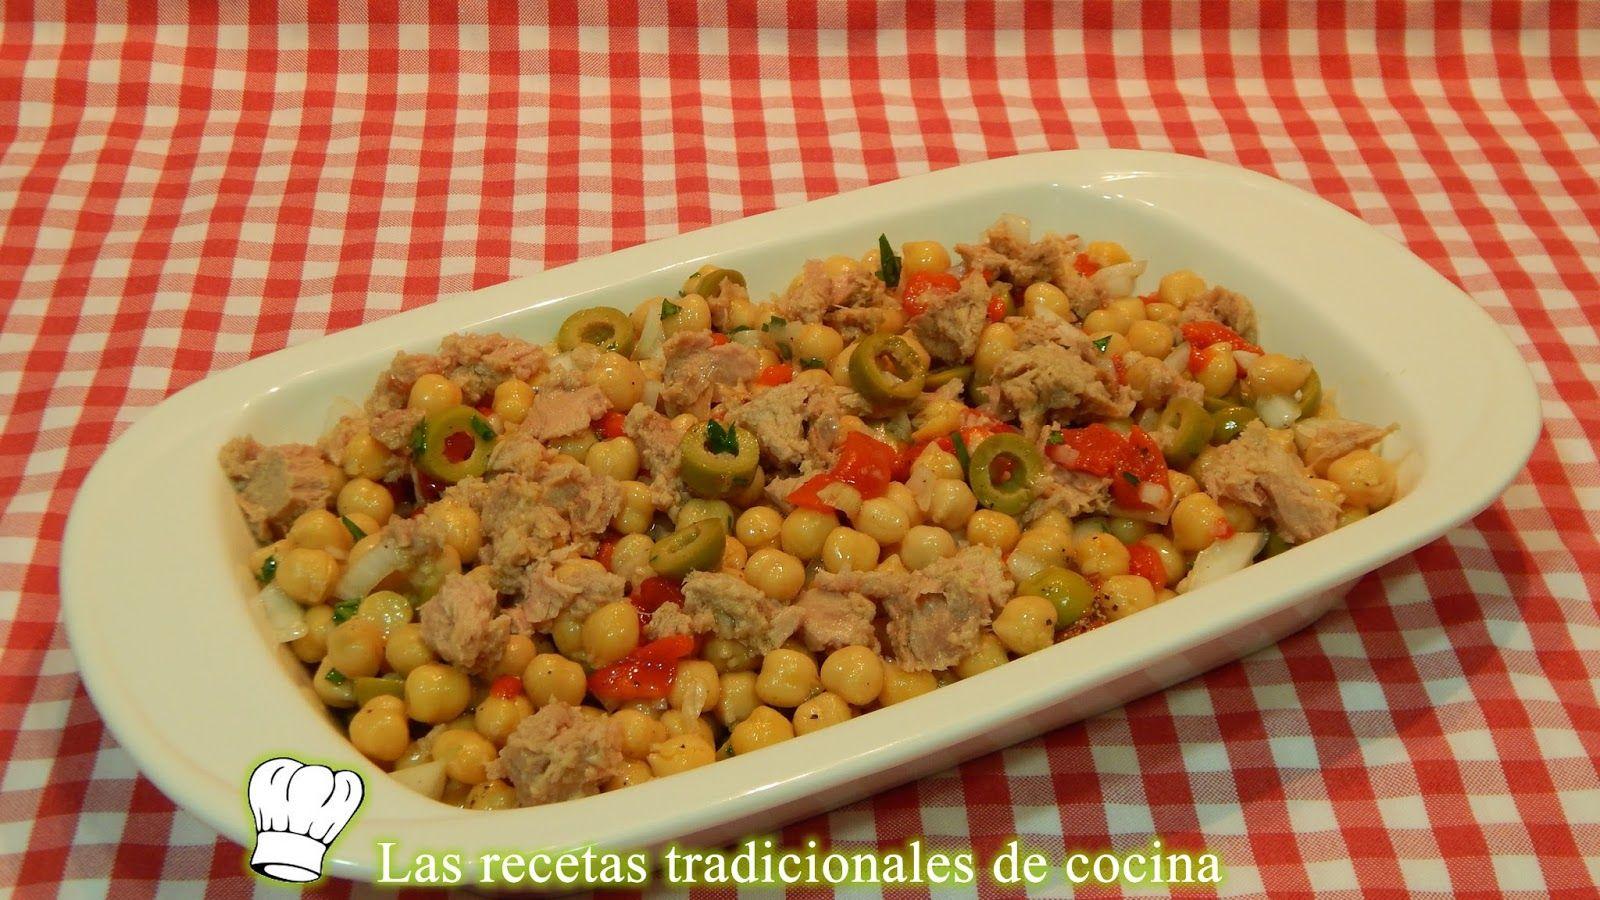 Ensalada de garbanzos con pimientos asados y atún - Recetas de cocina con sabor…